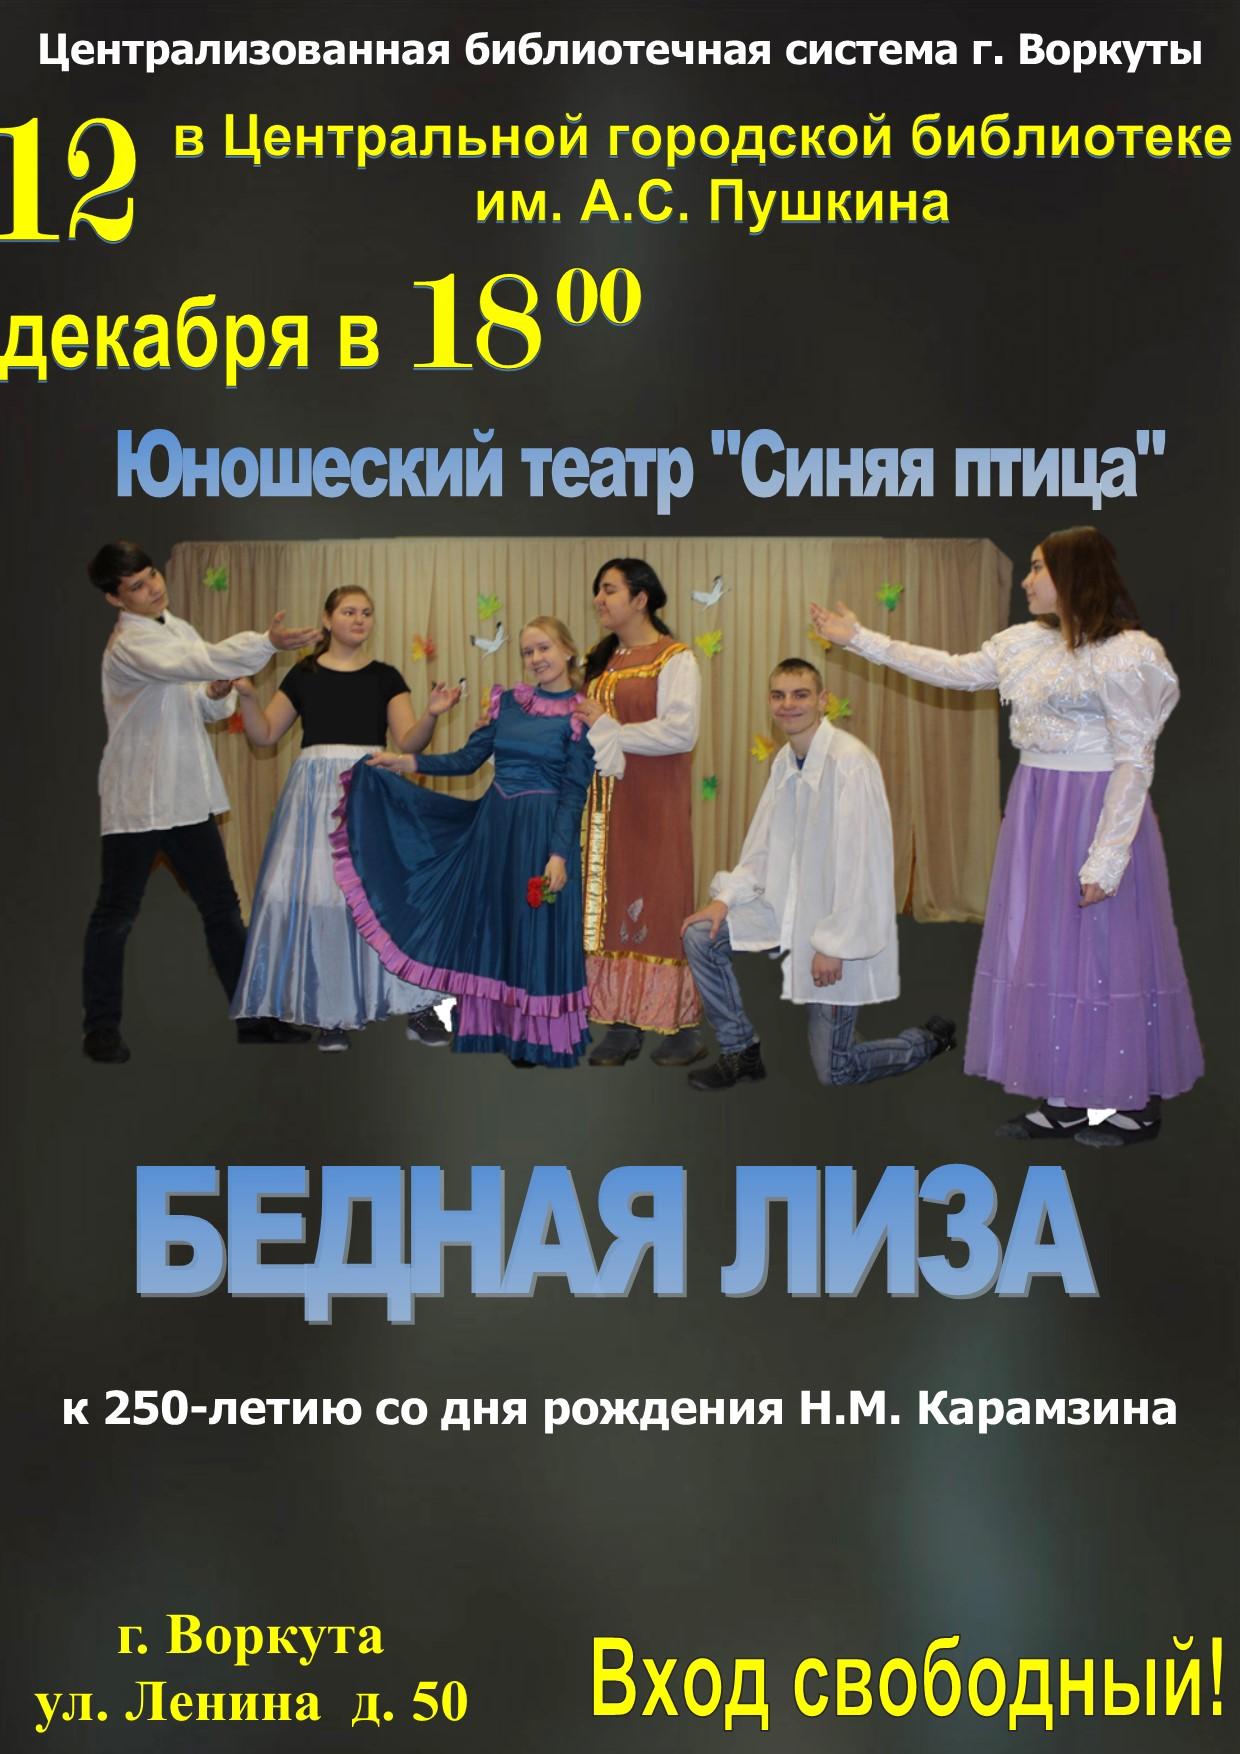 Юношеский театр «Синяя птица»